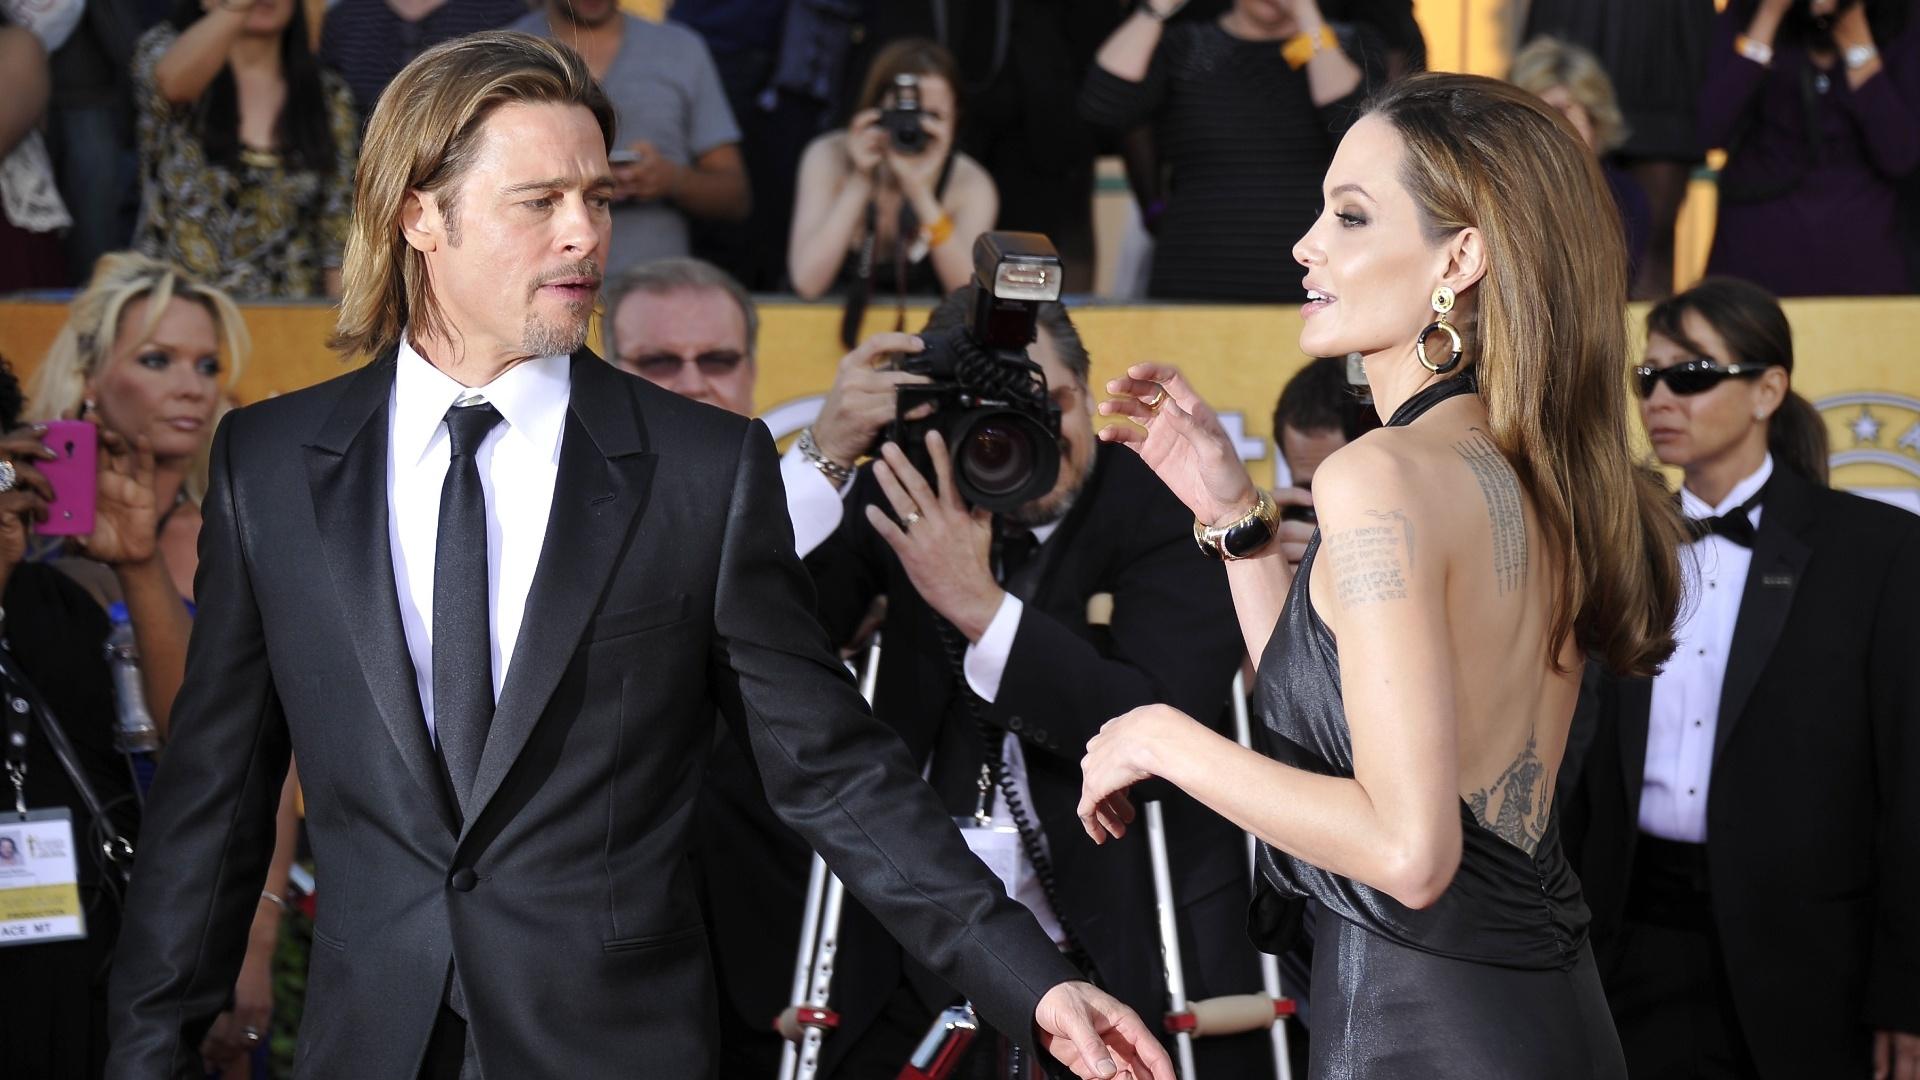 O casal Angelina Jolie e Brad Pitt chegam ao Screen Actors Guild Awards em Los Angeles. Brad Pitt está concorrendo ao prêmio de Melhor Ator pelo filme